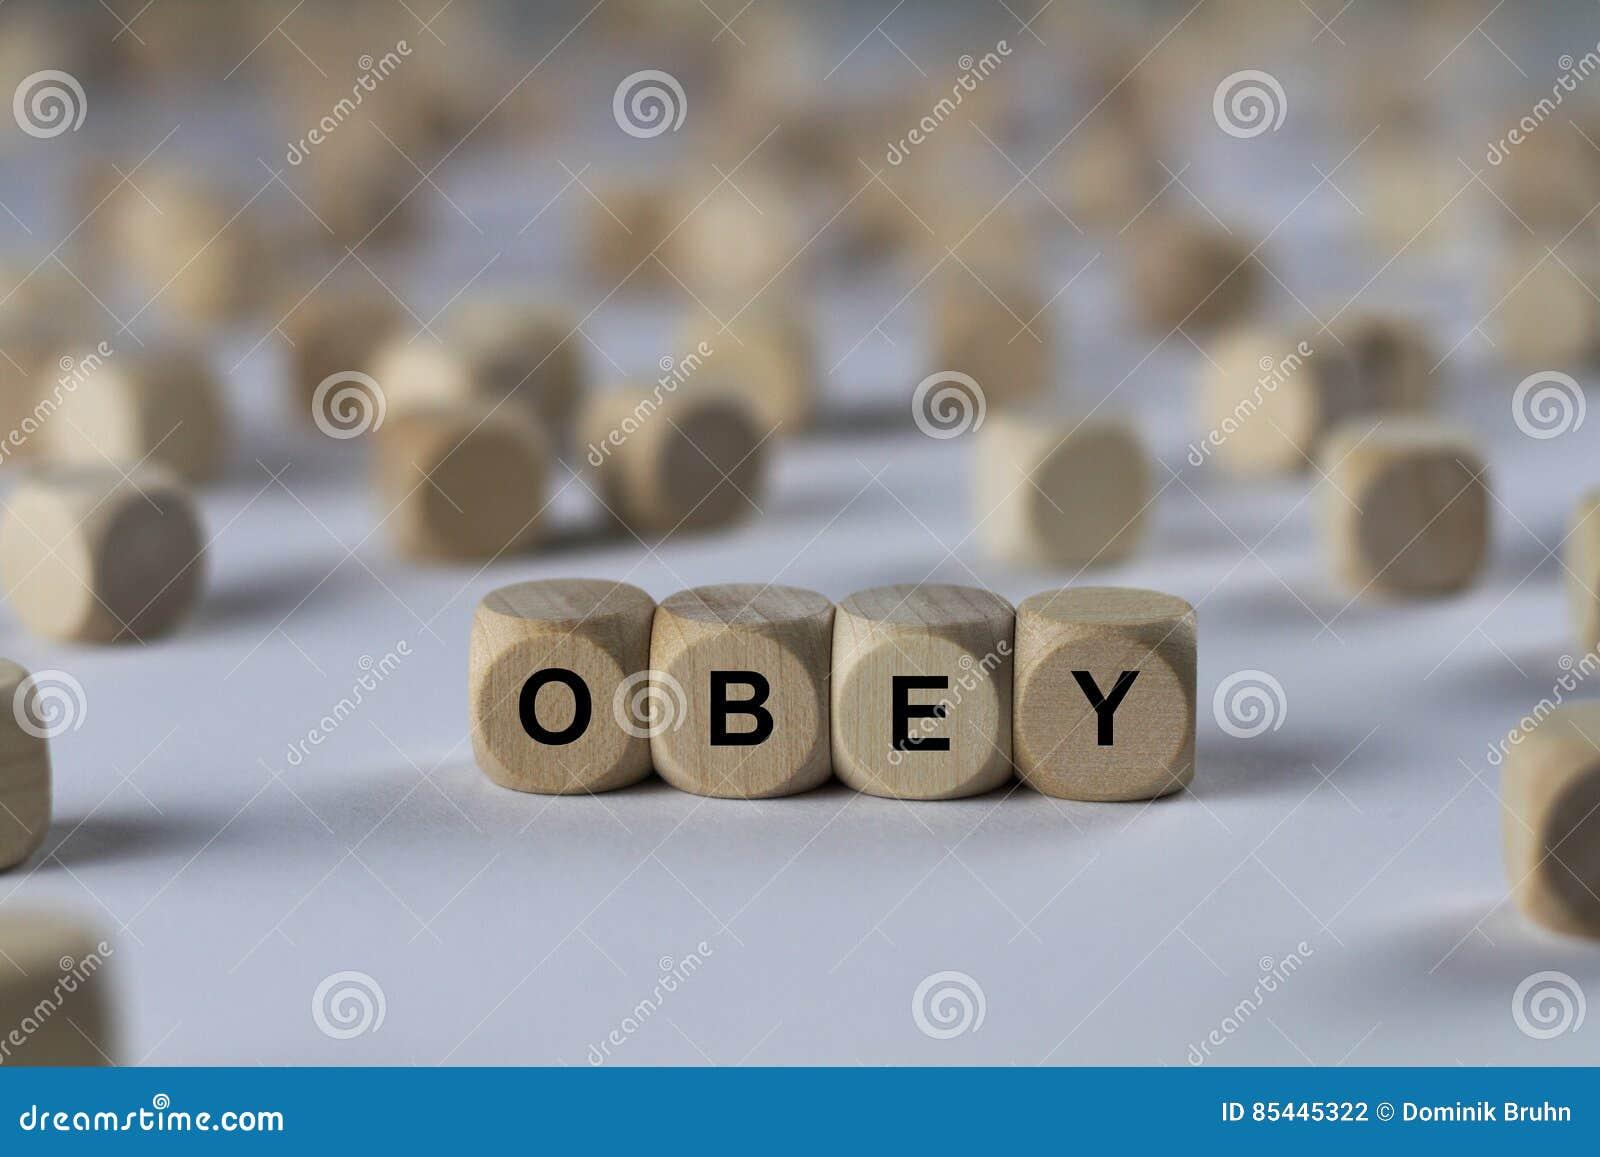 Υπακούστε - κύβος με τις επιστολές, σημάδι με τους ξύλινους κύβους